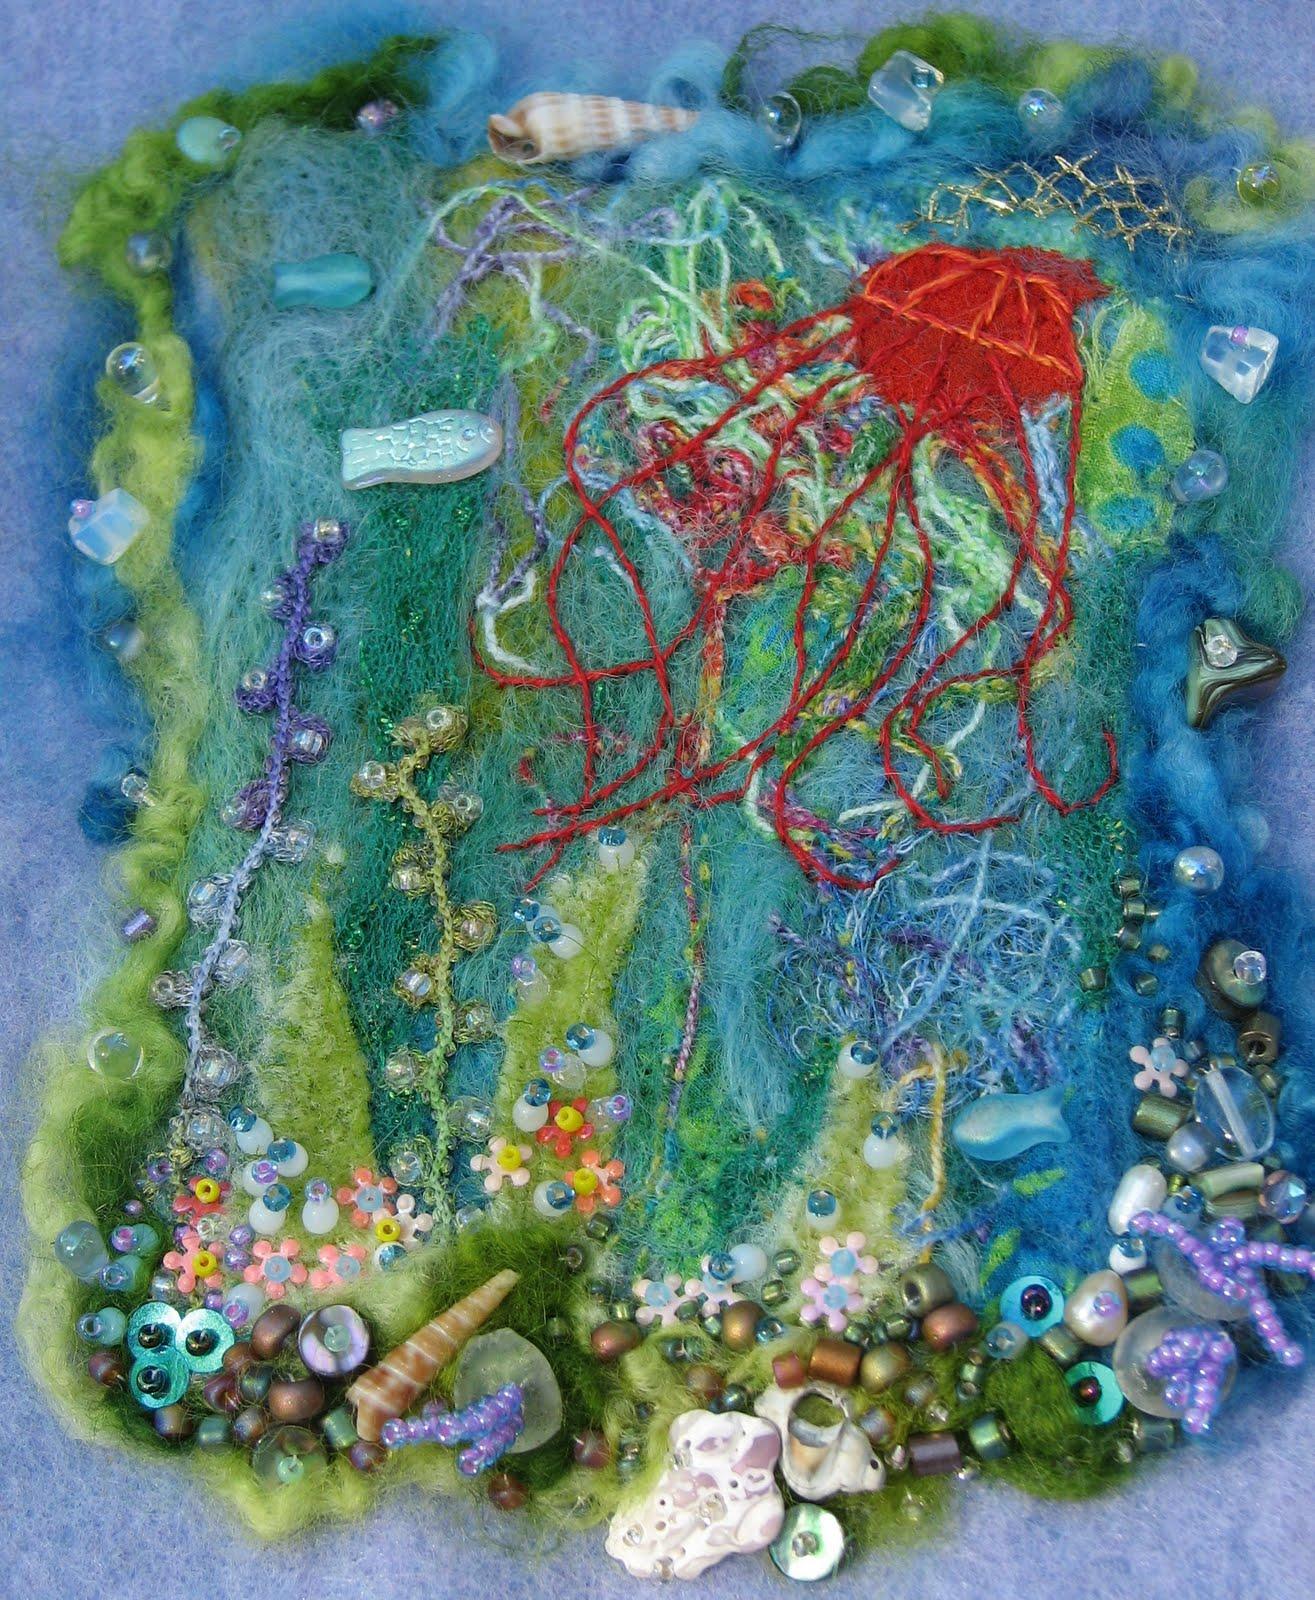 Elizabeth Creates Under Sea Fantasy With Wool Thread